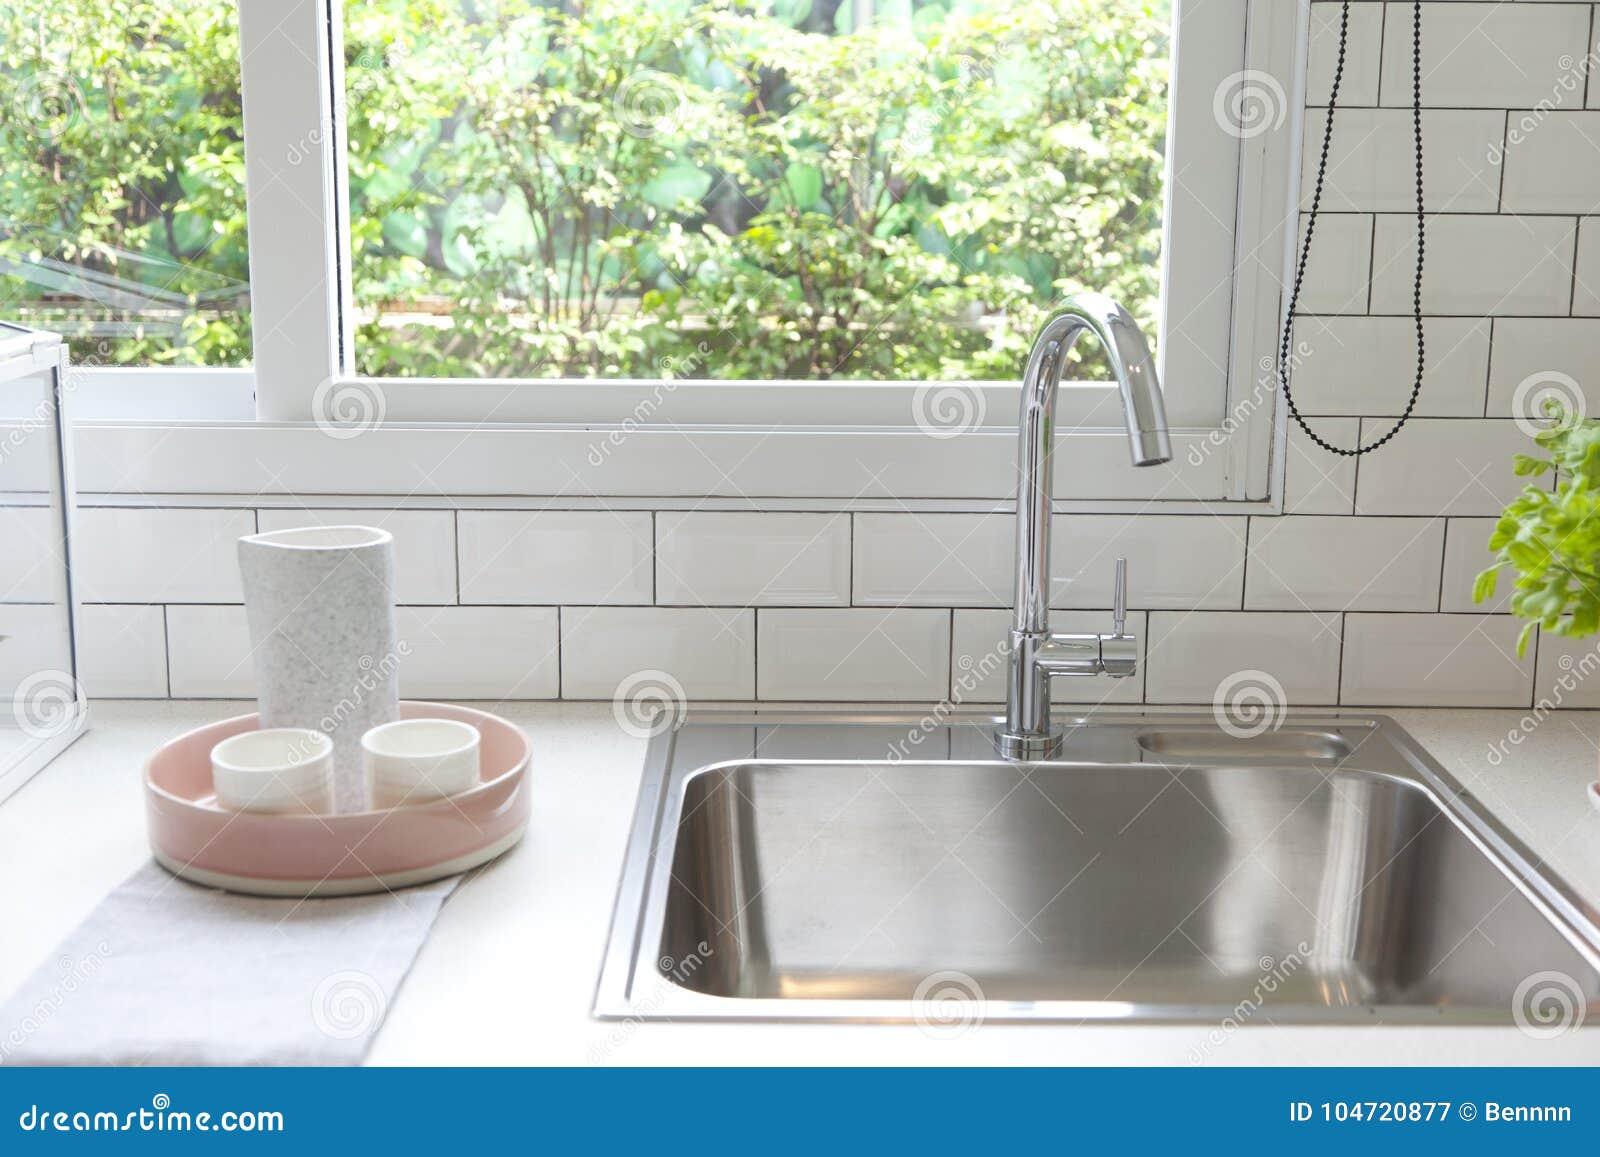 Modern kitchen with white worktop sink